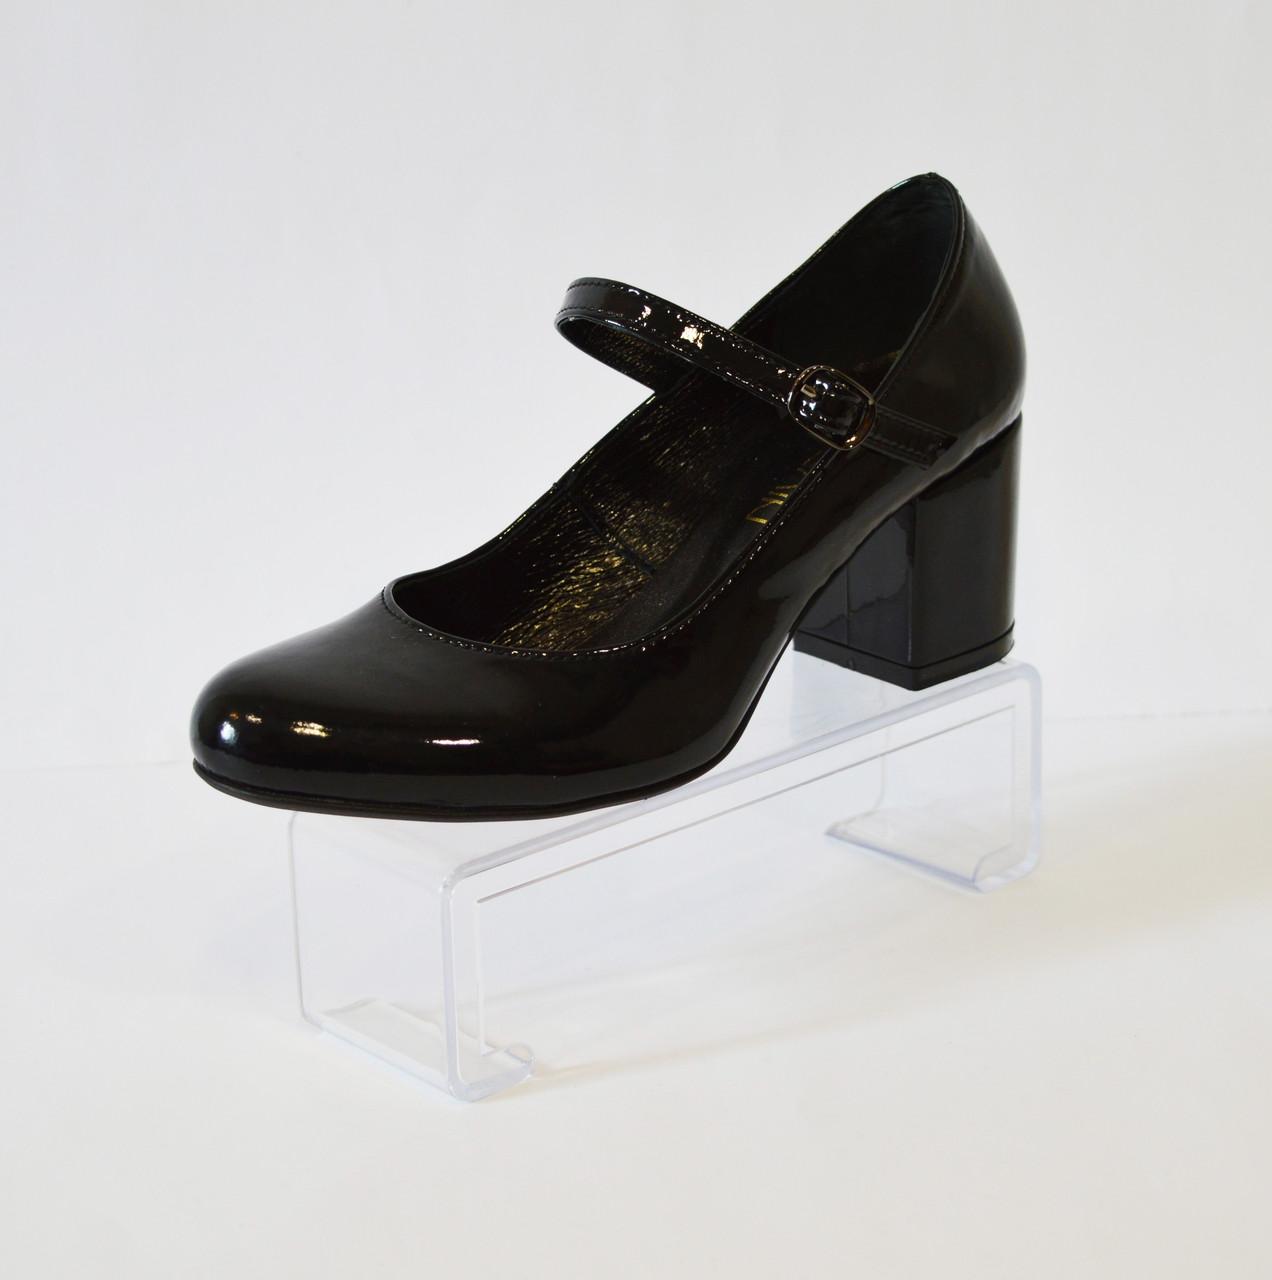 Кожаные туфли Nivelle 1766